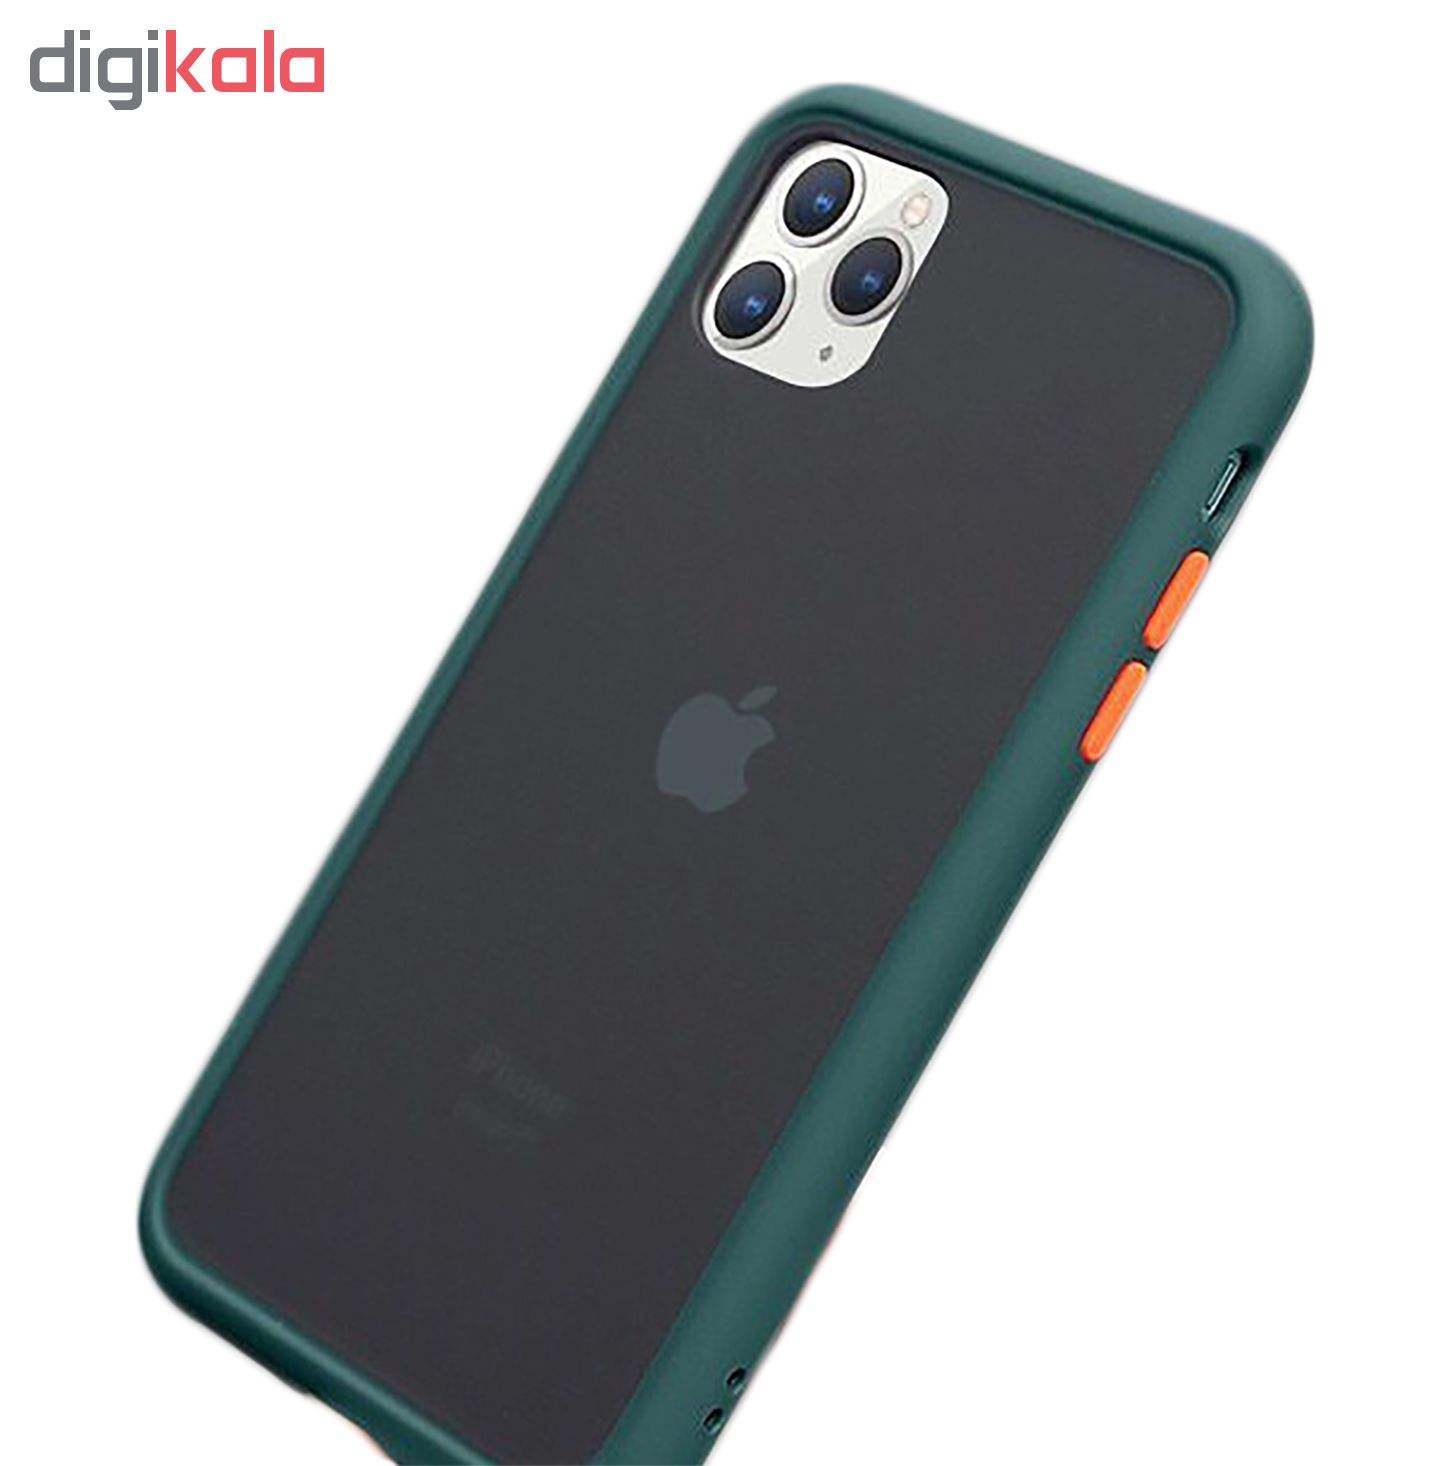 کاور مدل nxcb مناسب برای گوشی موبایل اپل iphone 11 pro main 1 5